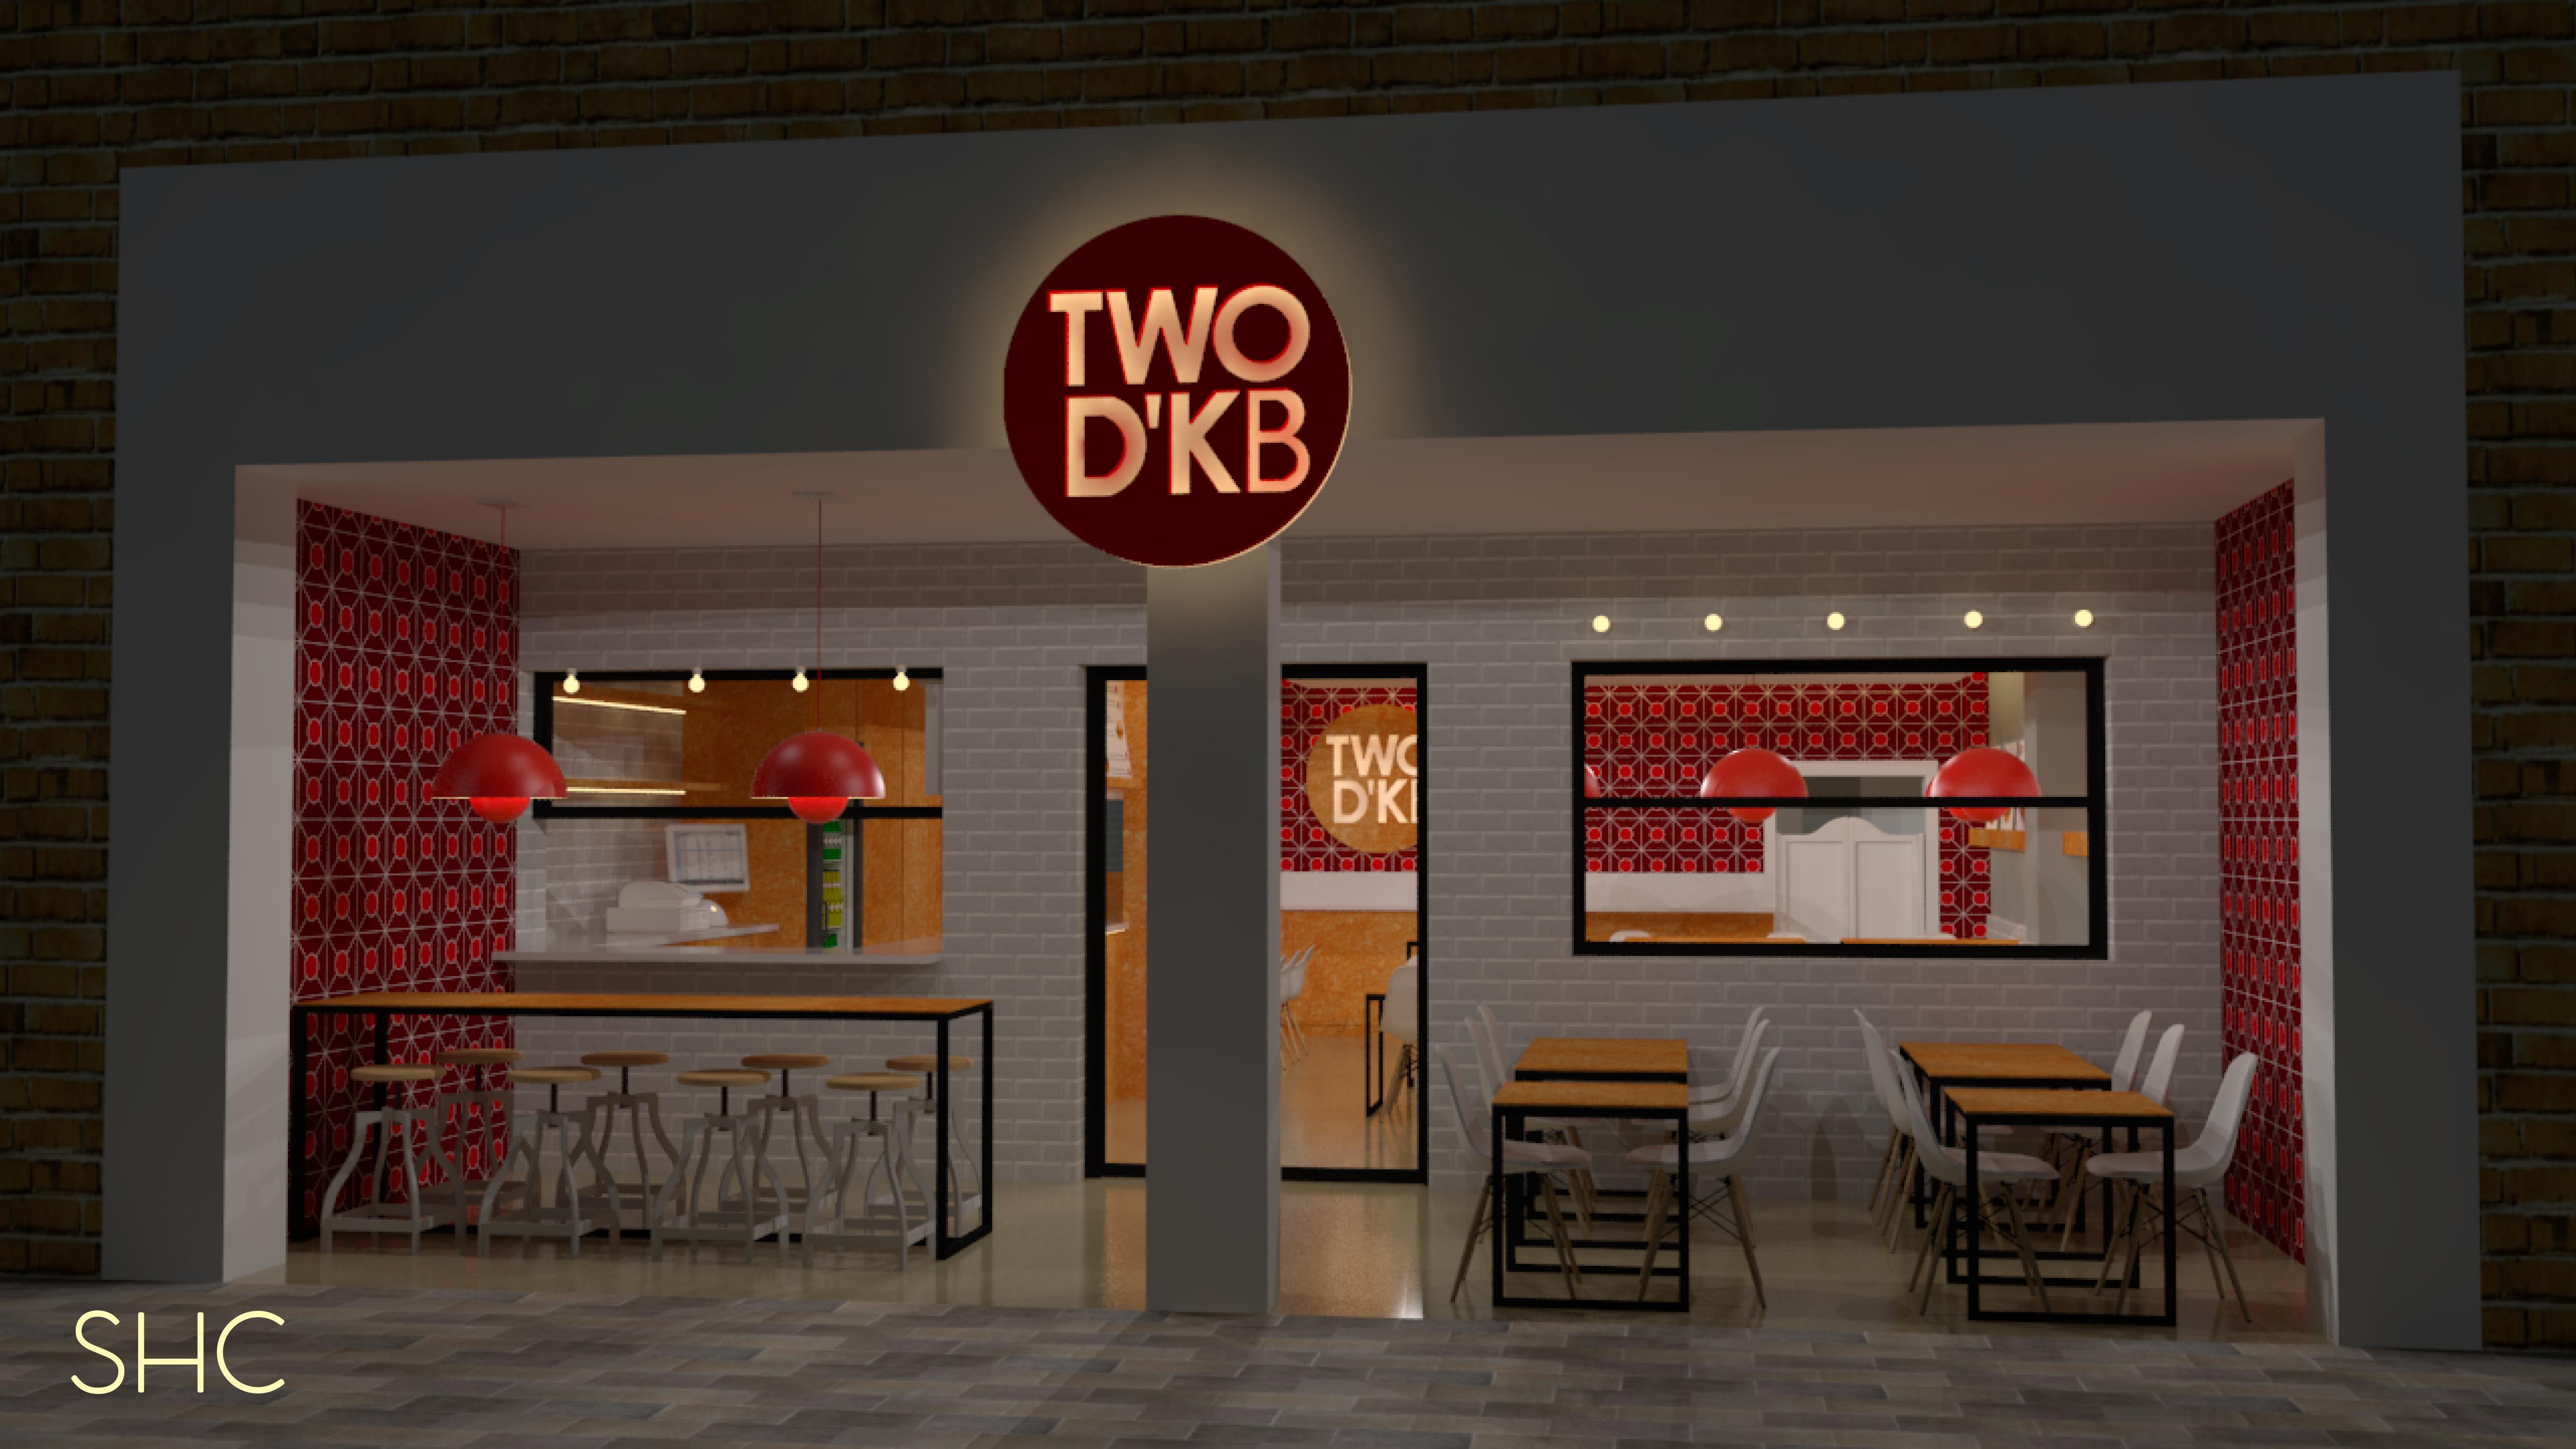 Dise o tipo de locales para franquiciado de restaurante de for Fachadas de locales de comida rapida